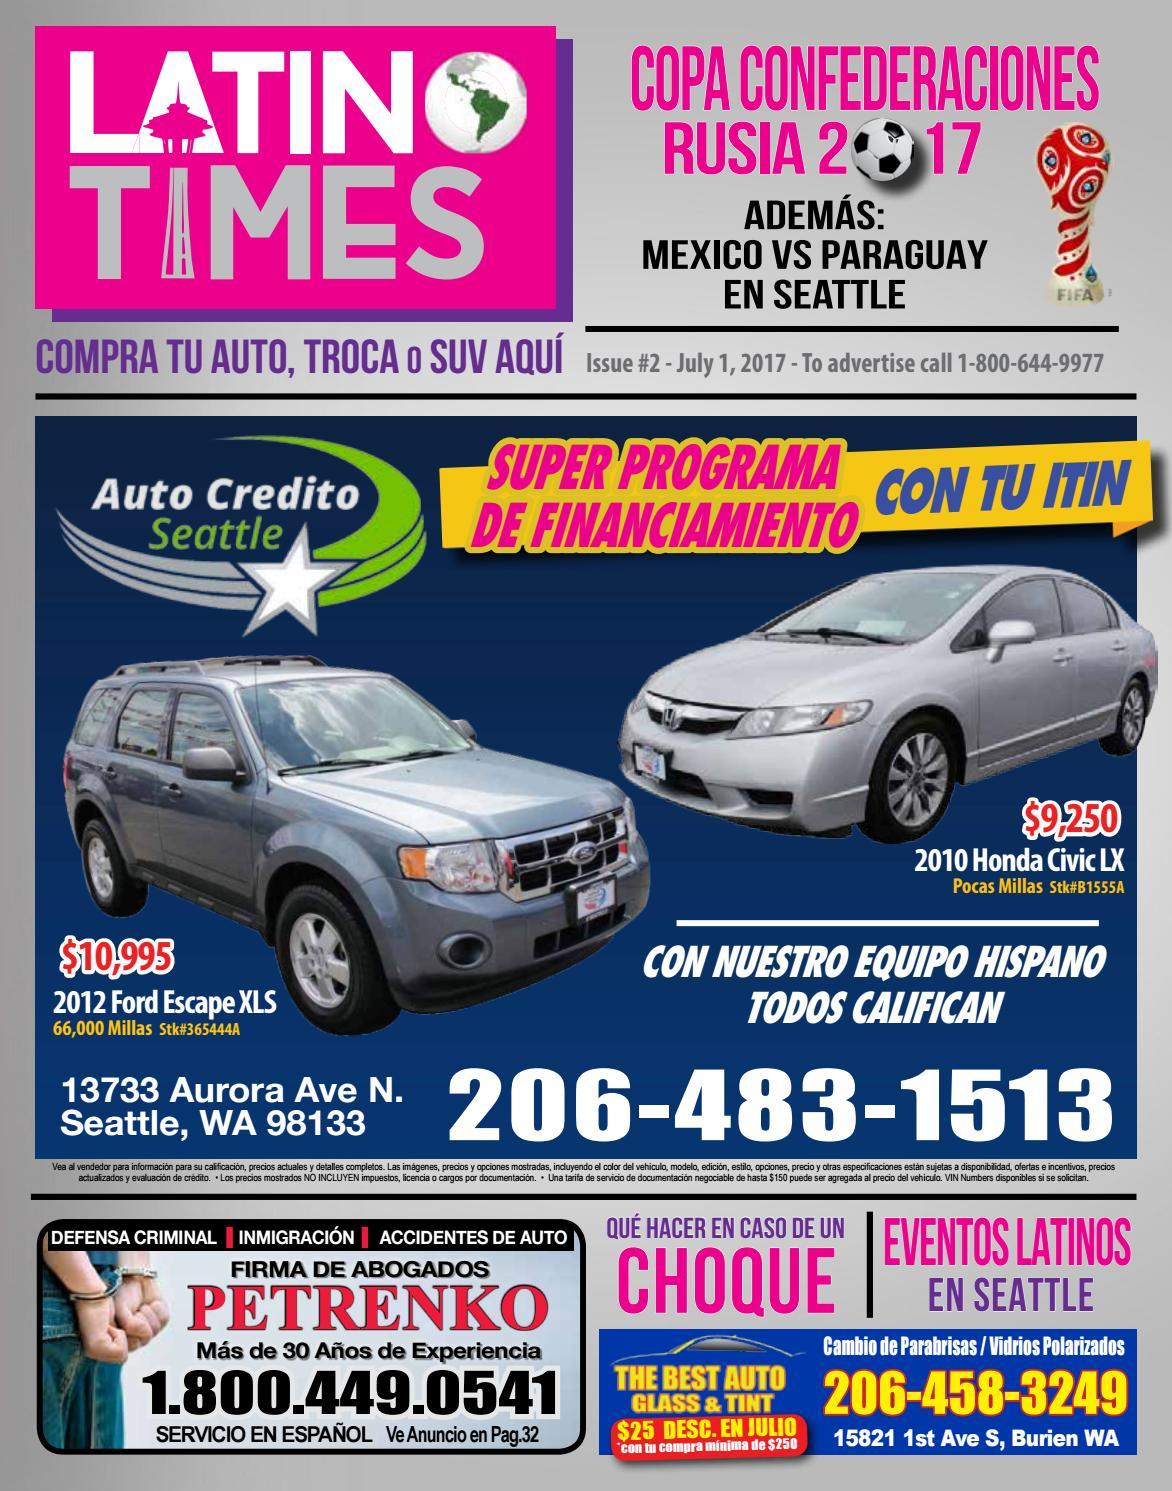 Latino Times #2 by LatinoTimes - issuu